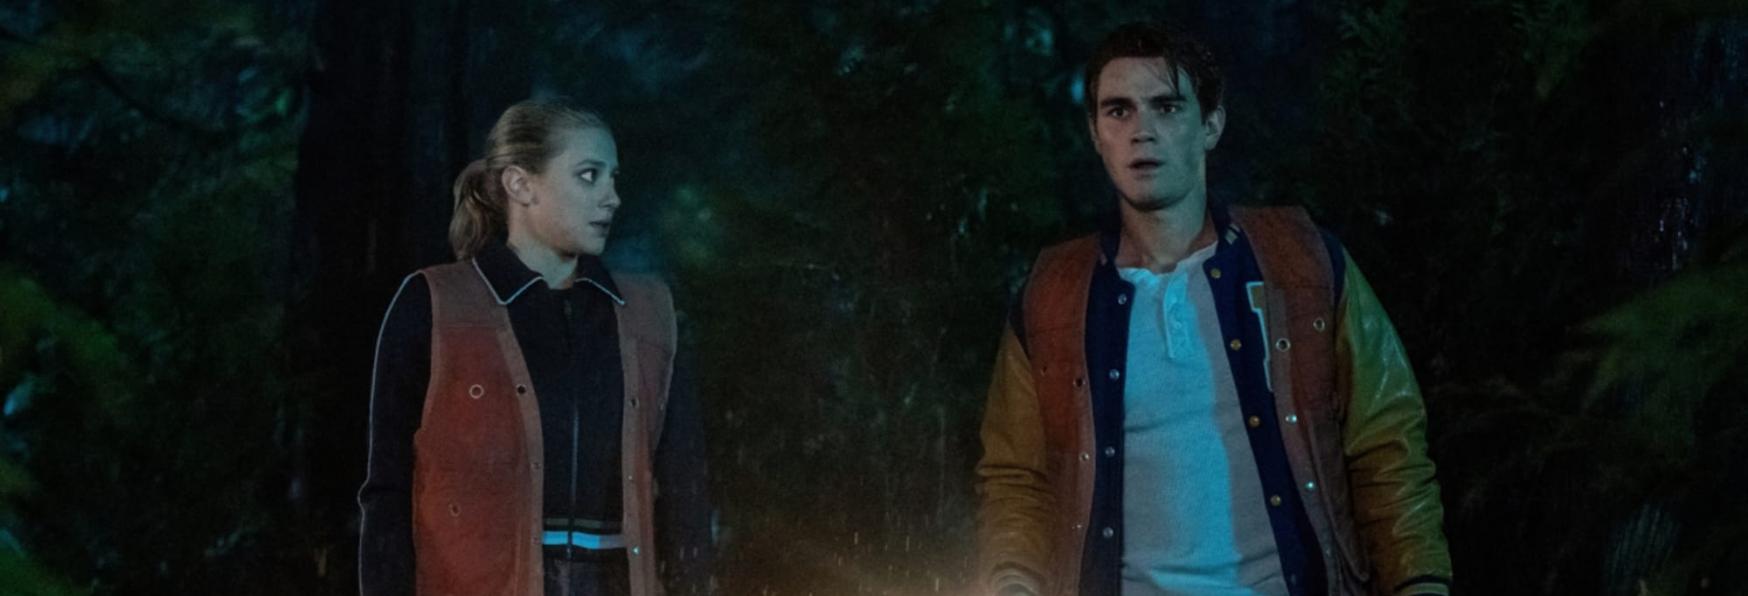 Riverdale 5: lo Showrunner rilascia un nuovo Poster per la nuova Stagione